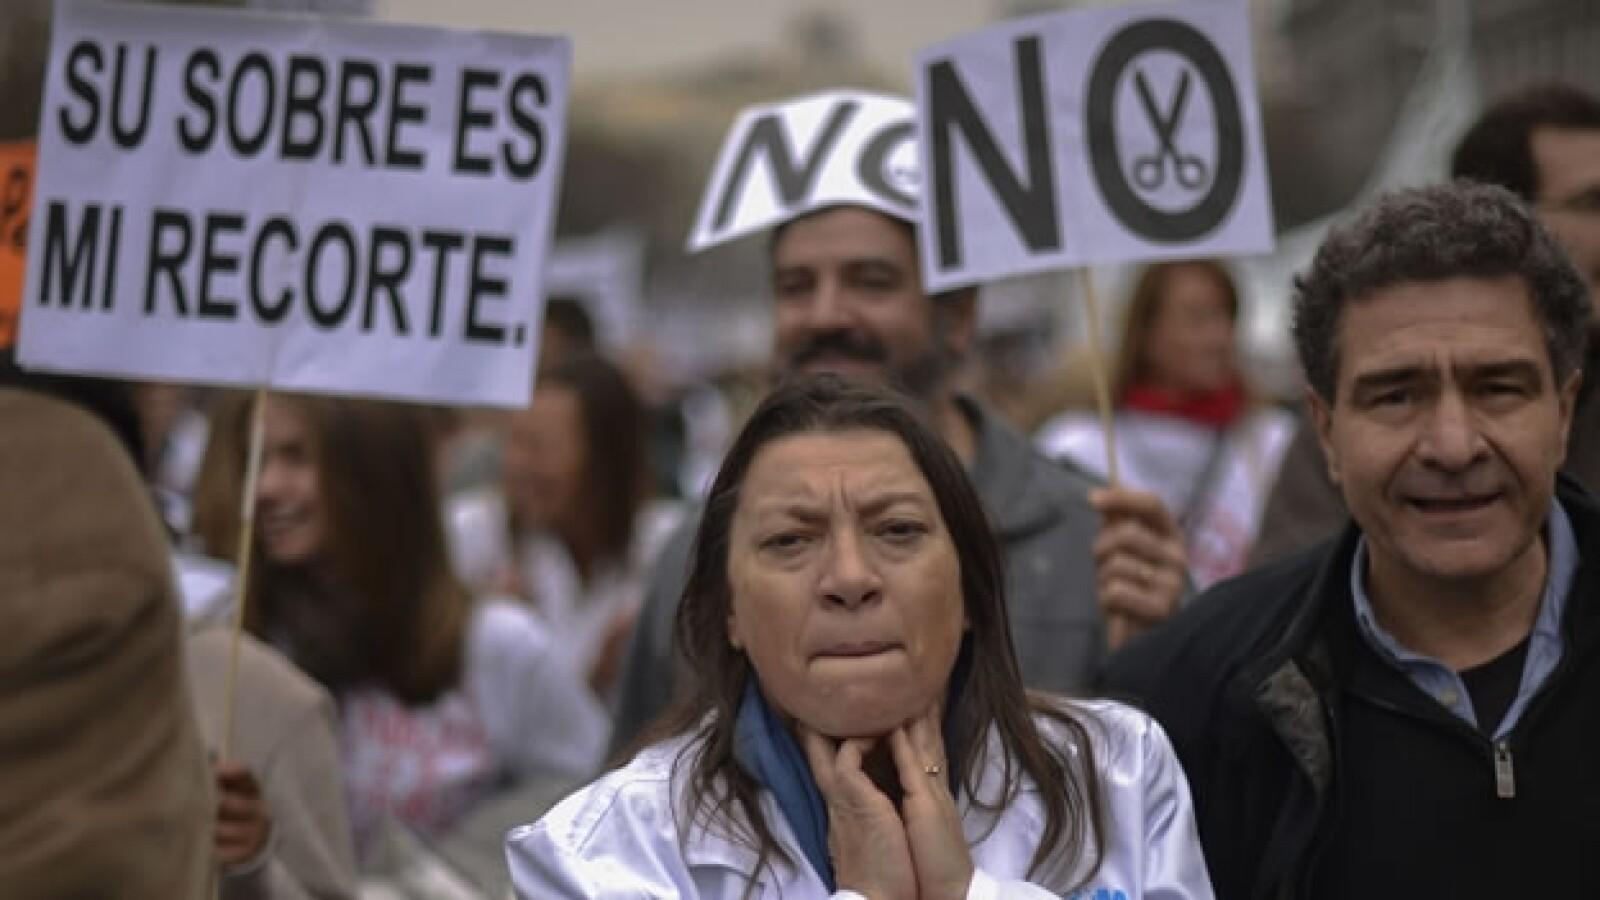 protesta por recortes en salud